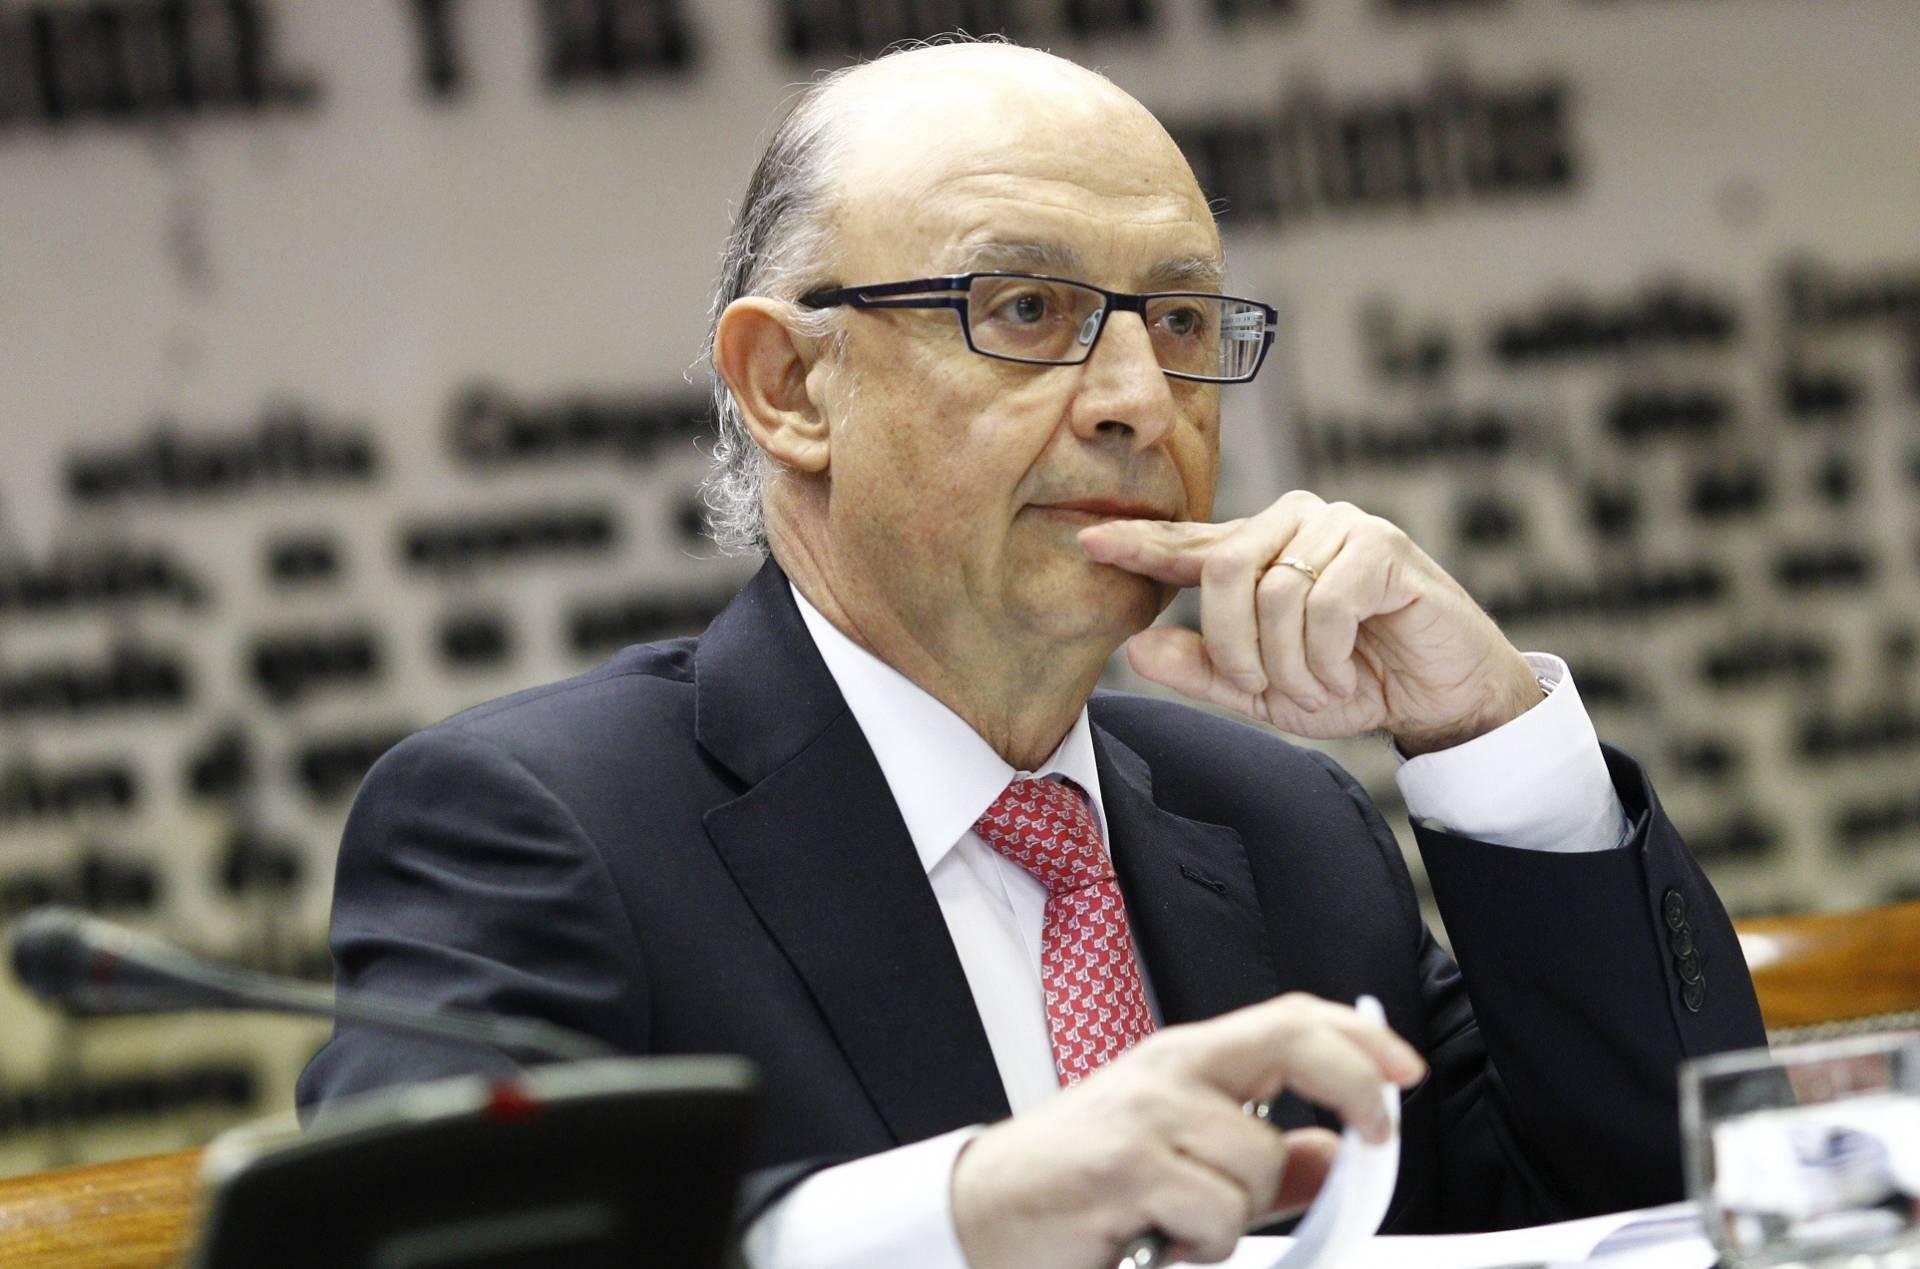 El ministro de Hacienda, Cristóbal Montoro, durante una comparecencia en el Senado.